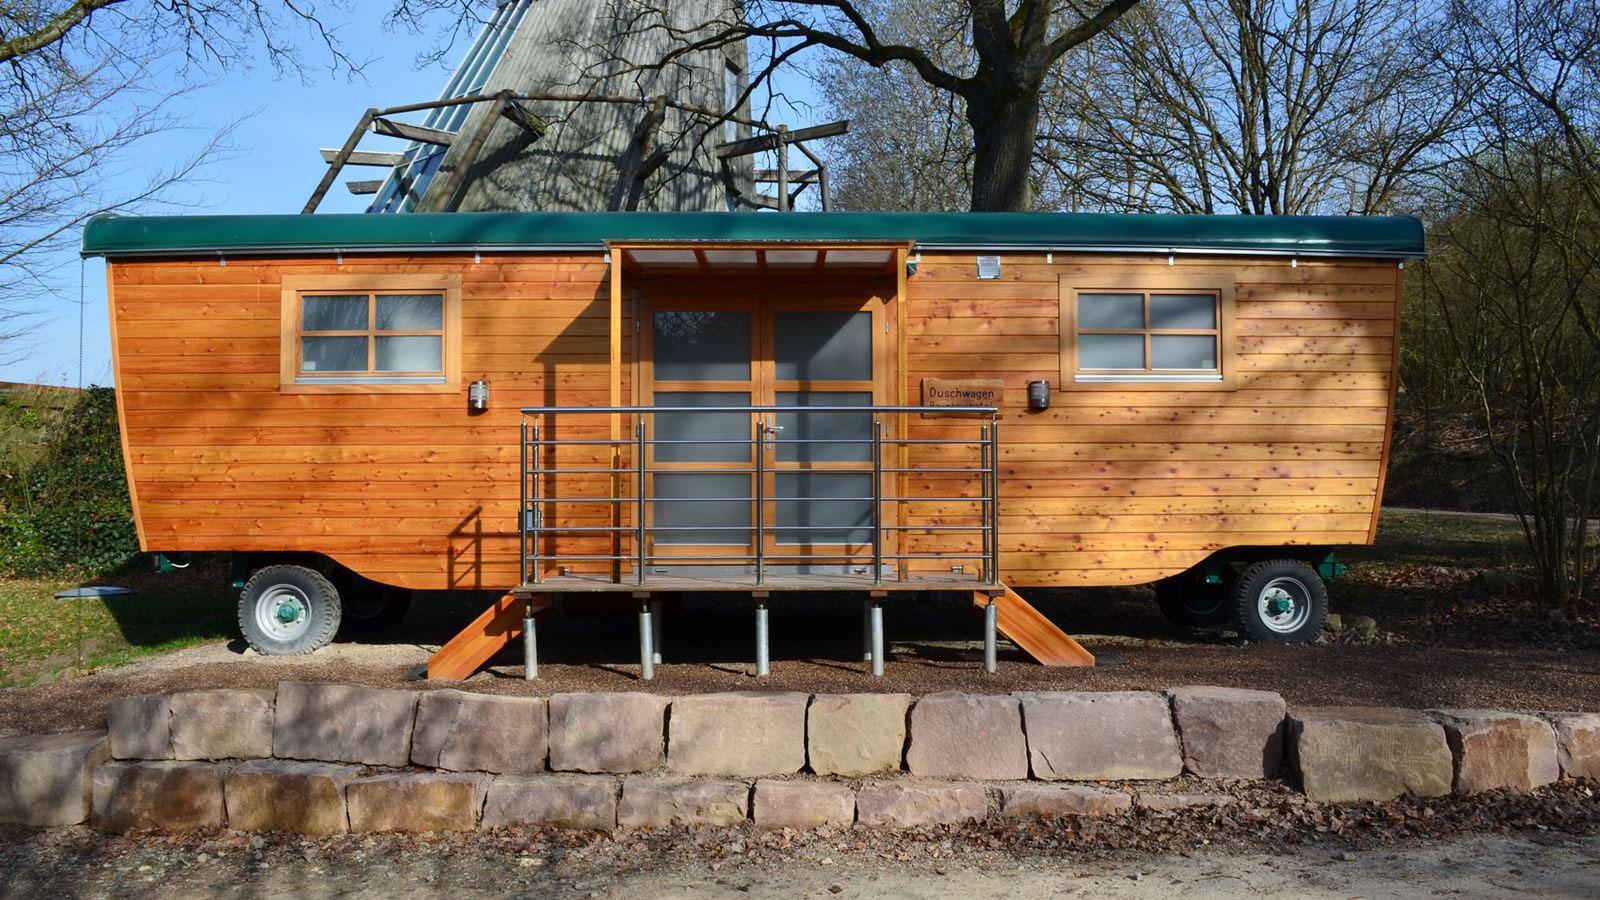 neu duschwagen gefertigt aus holz baumhaushotel solling. Black Bedroom Furniture Sets. Home Design Ideas